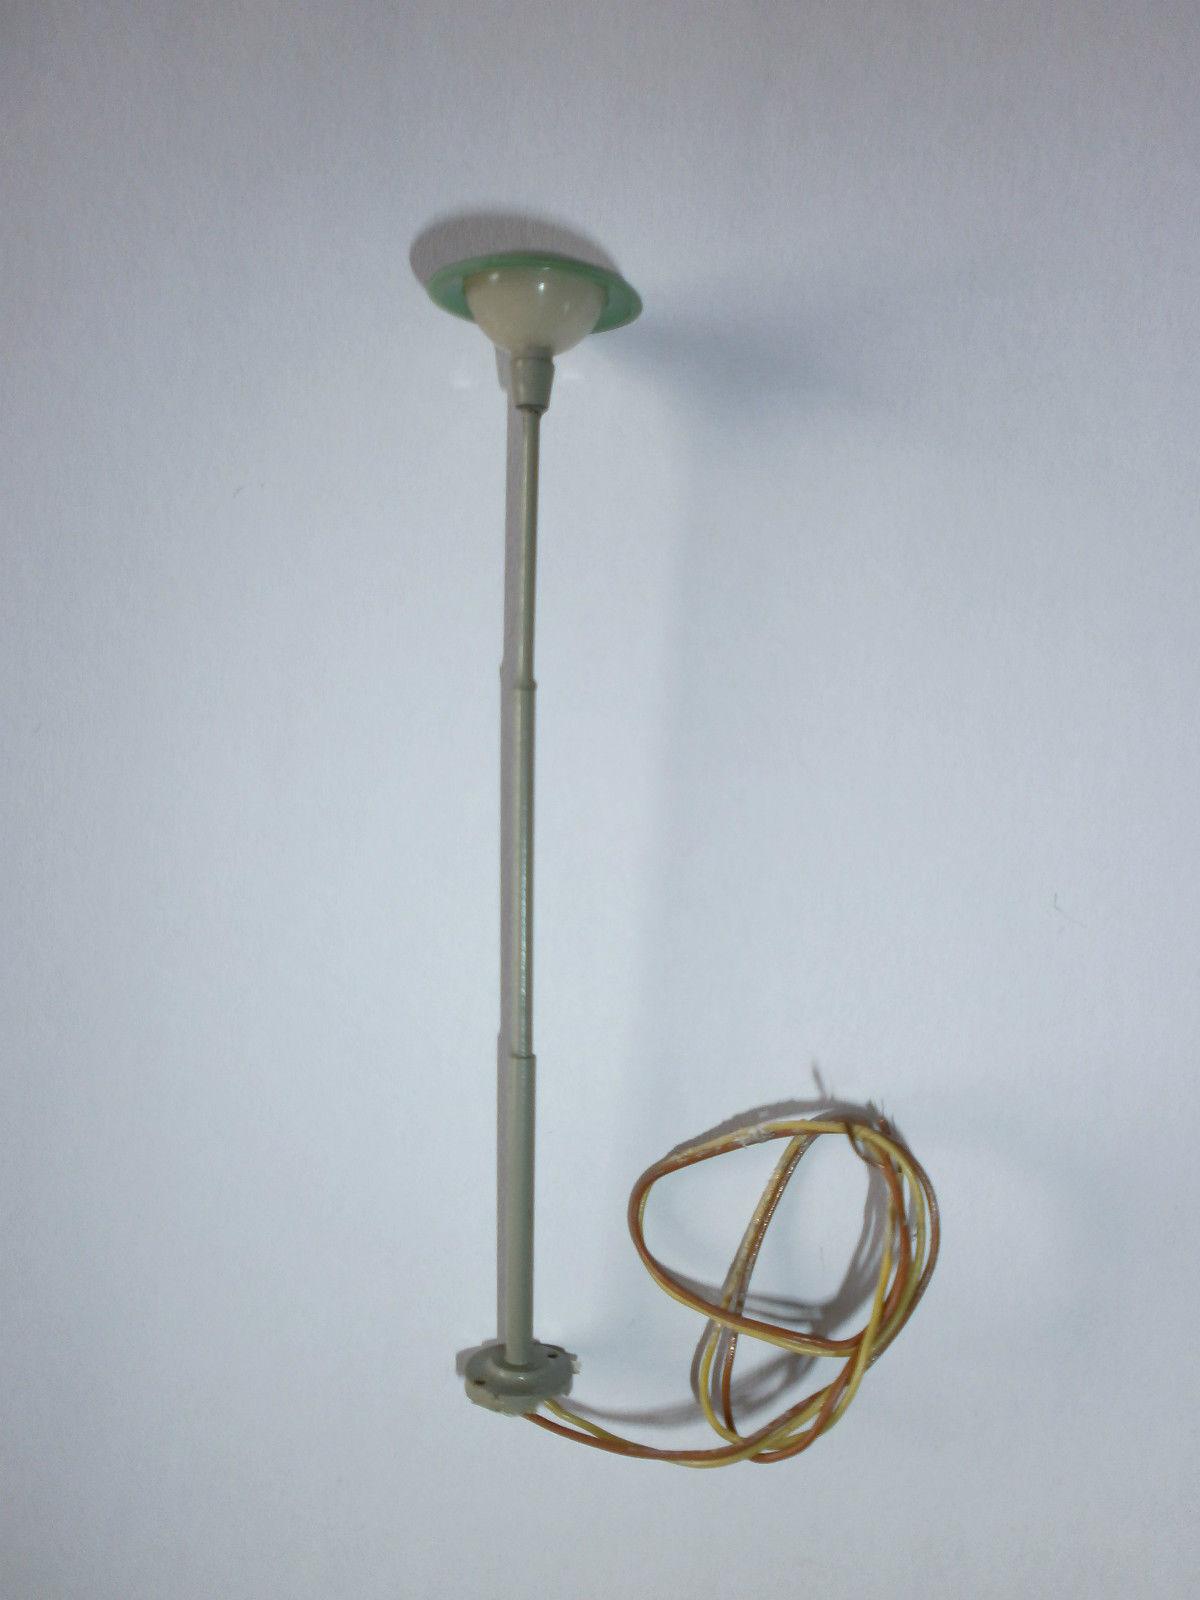 ebay kleinanzeigen straßenlaternen lampen